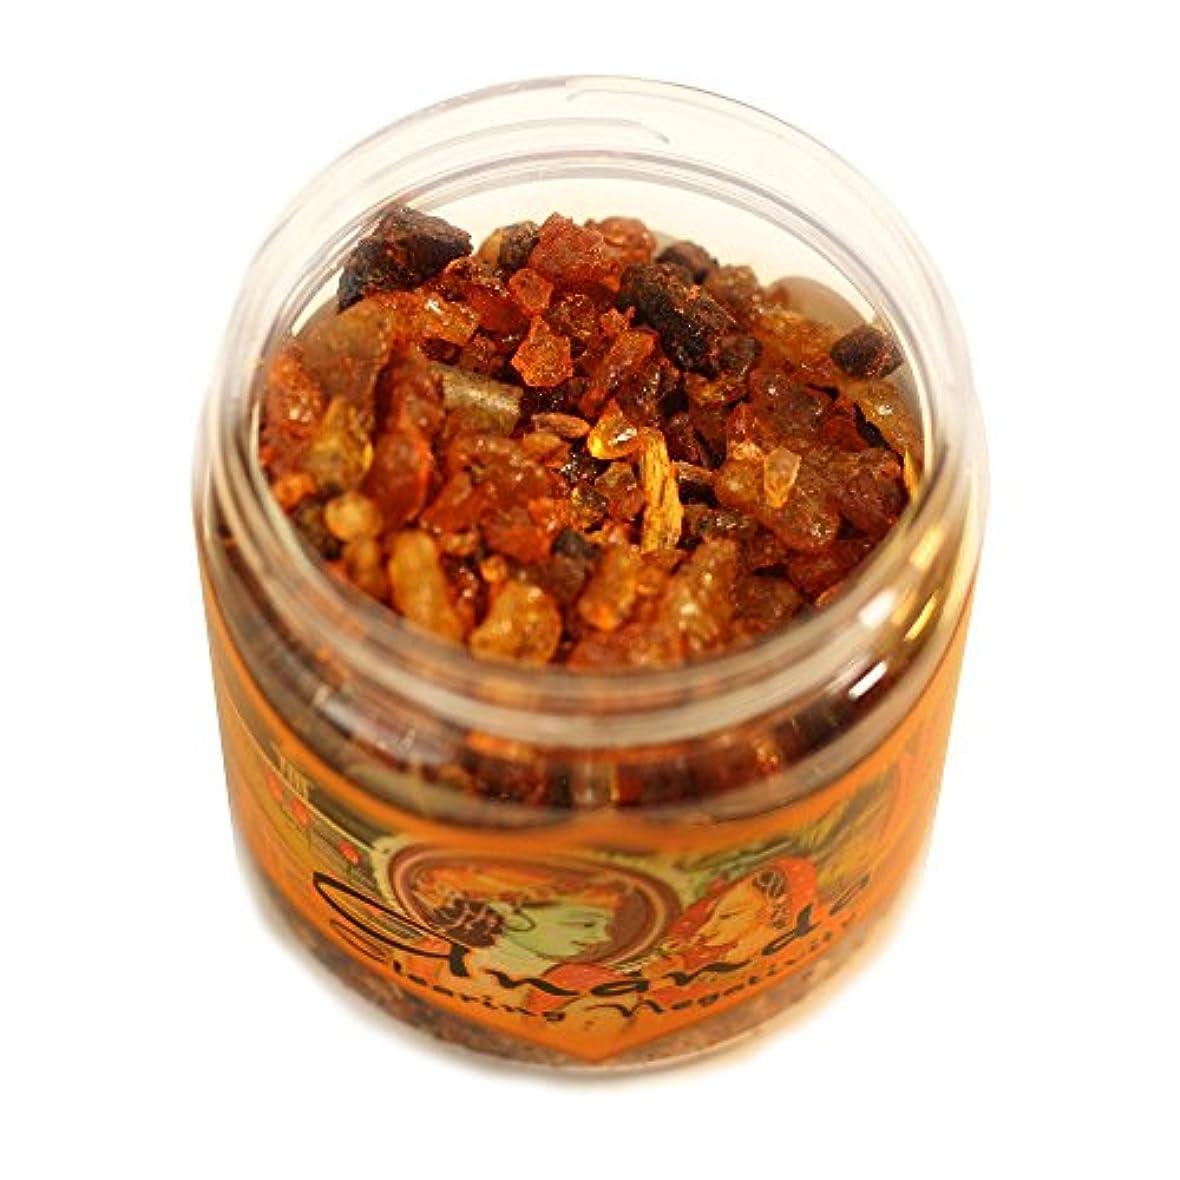 いわゆる最適超えて樹脂Incense Ananda – Clearing Negativity – 2.4oz Jar